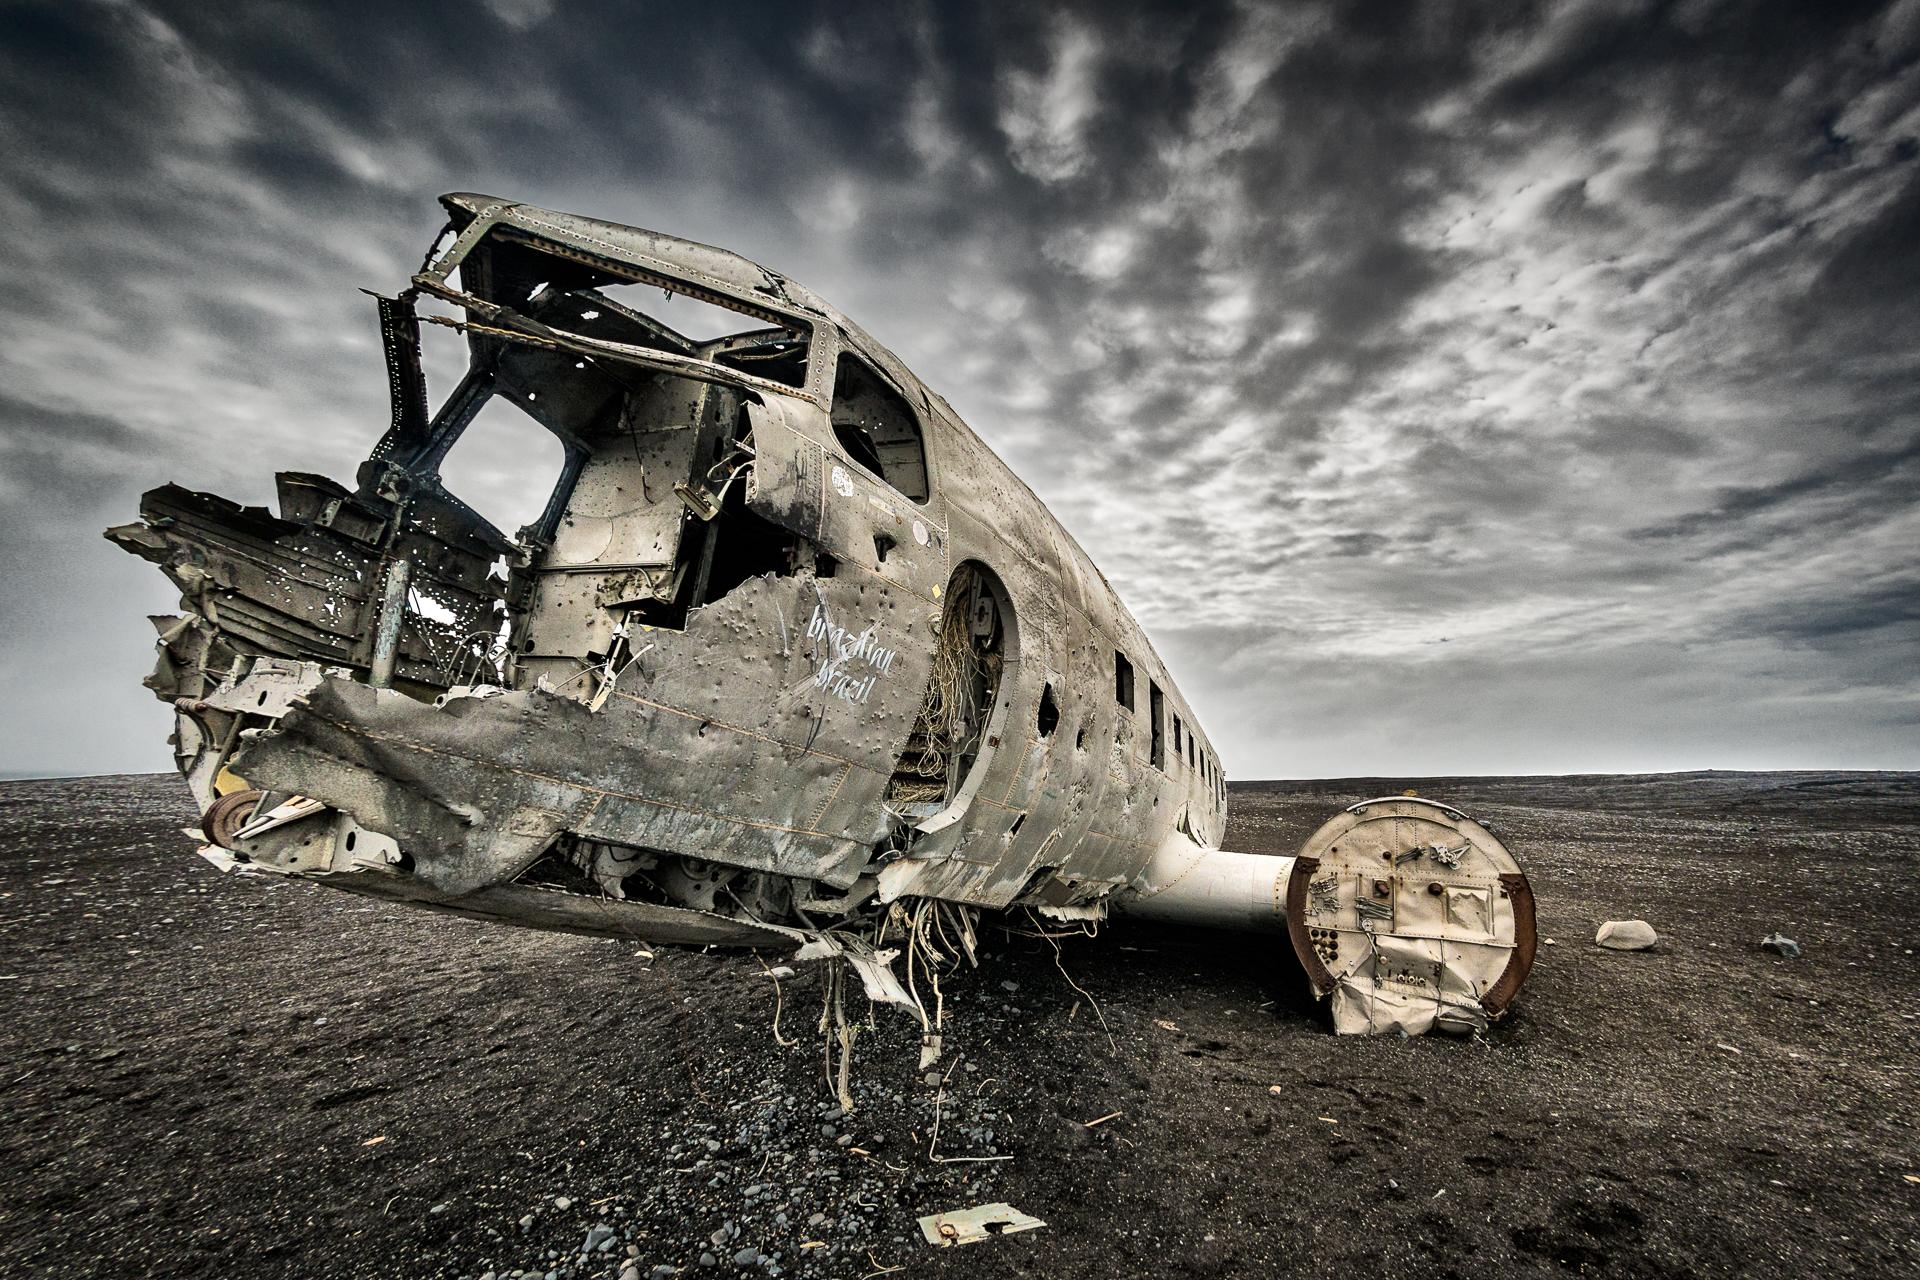 The Crashed DC3, Iceland 2015 (c) Michael Smyth